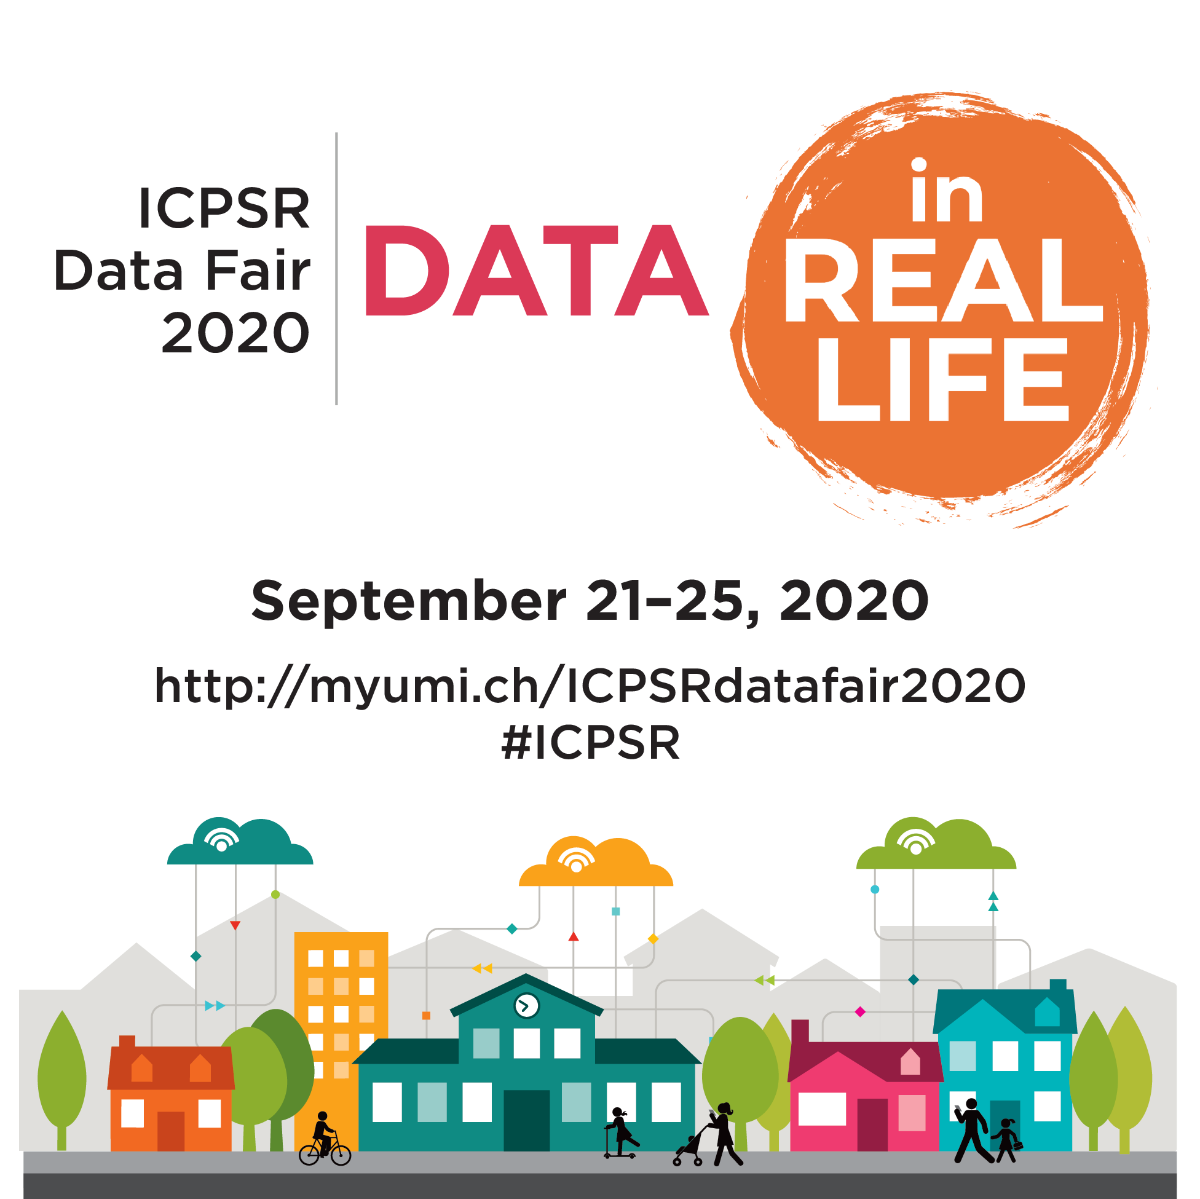 ICPSR Data Fair 2020 announcement